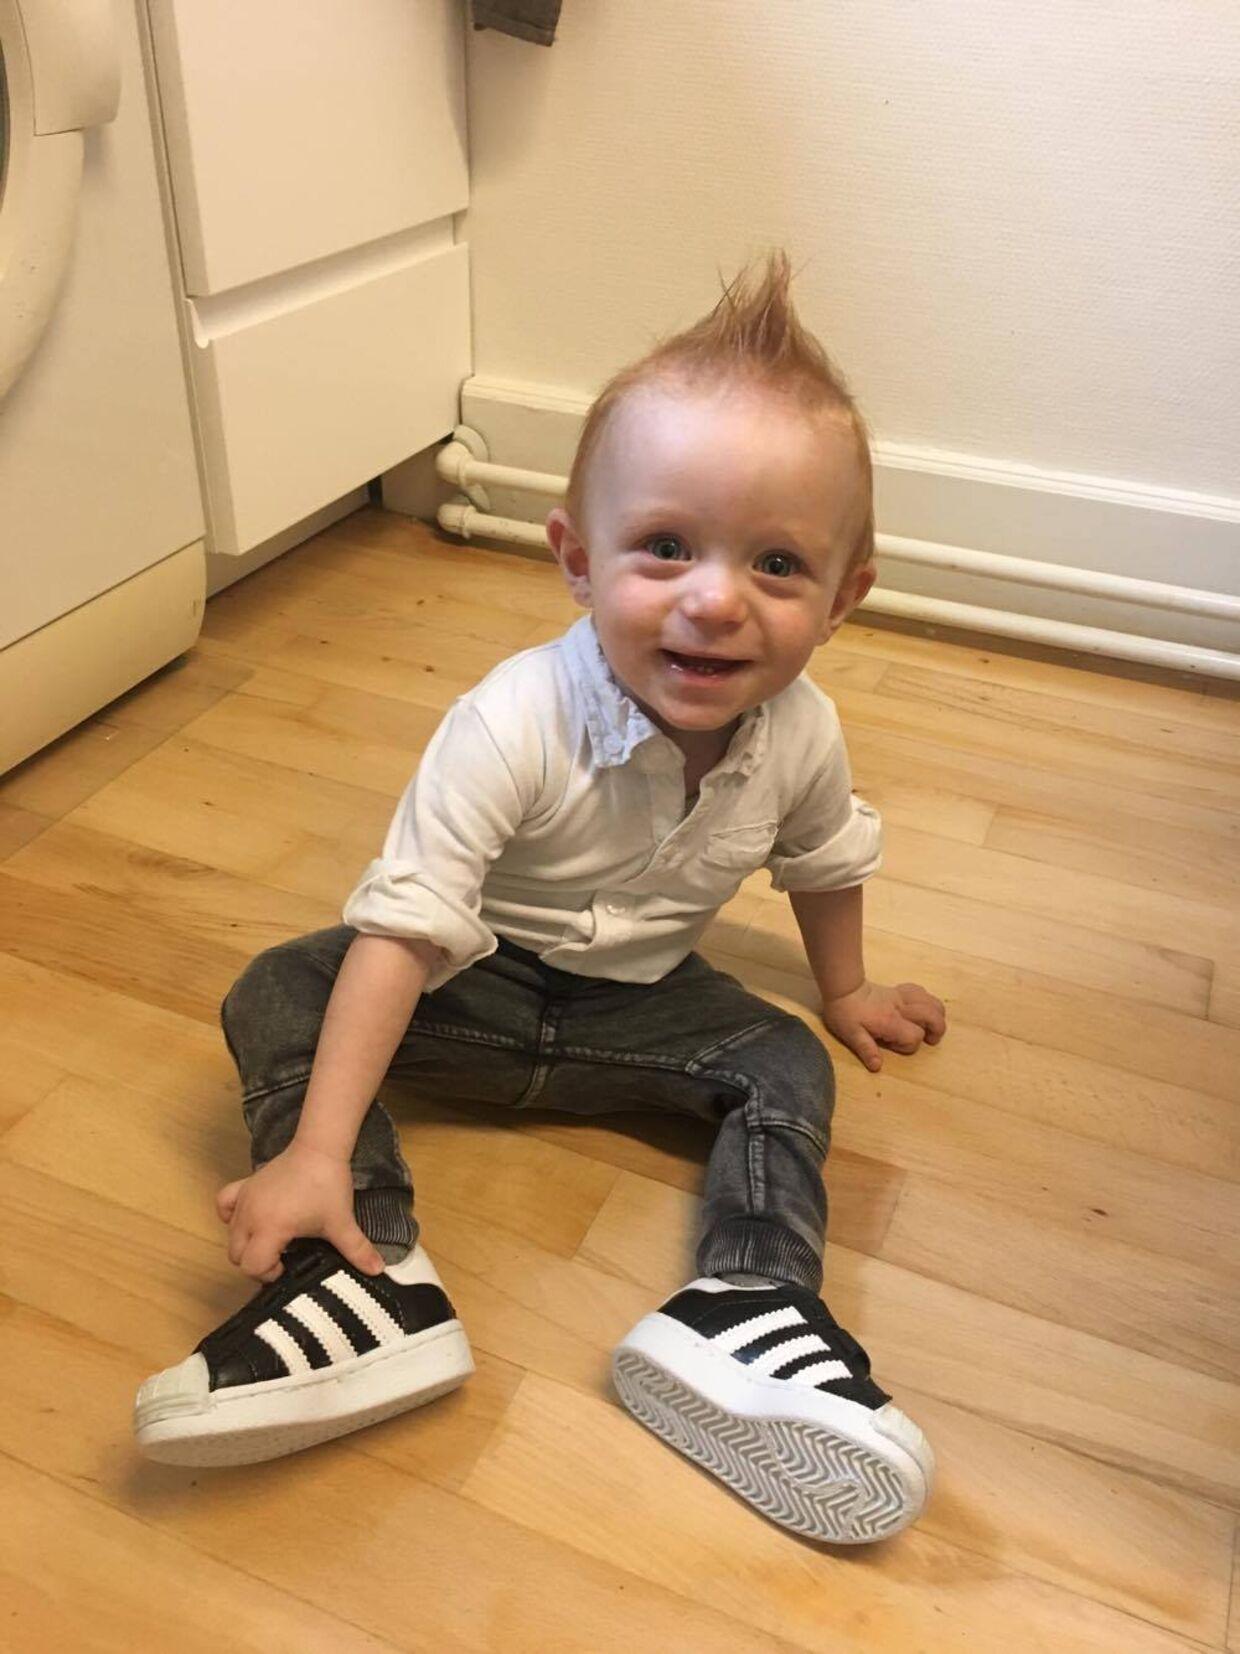 433ae79c Liam fyldte et år den 29. september og er lige begyndt at gå. Foto. Liam  fyldte et år den 29. september og er lige begyndt at gå. Foto